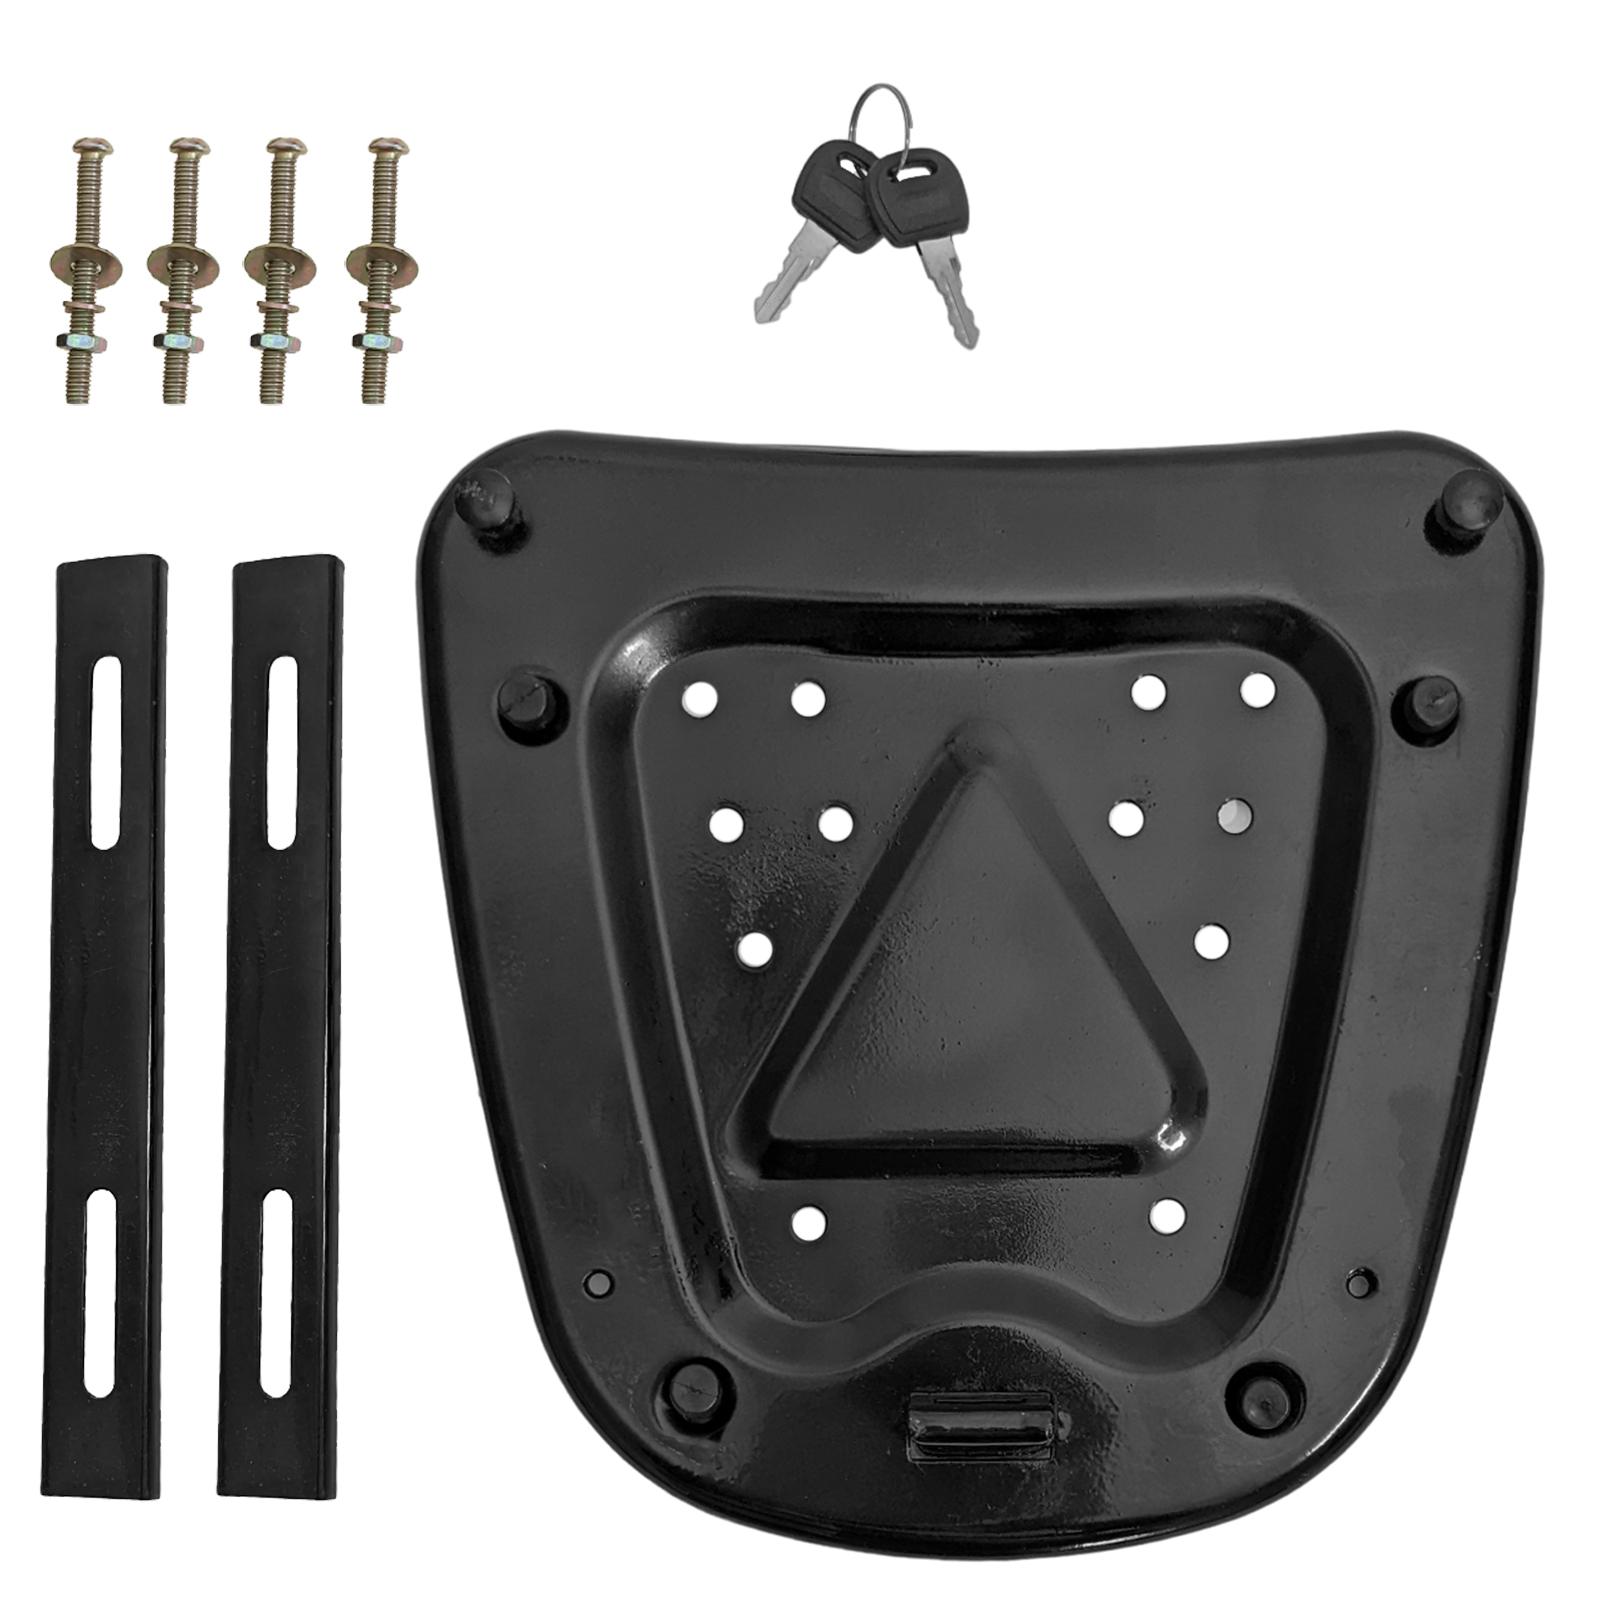 Onpira Motokufr jako GIVI pro dvě helmy - černý/ stříbrný Barevná varianta: Černá